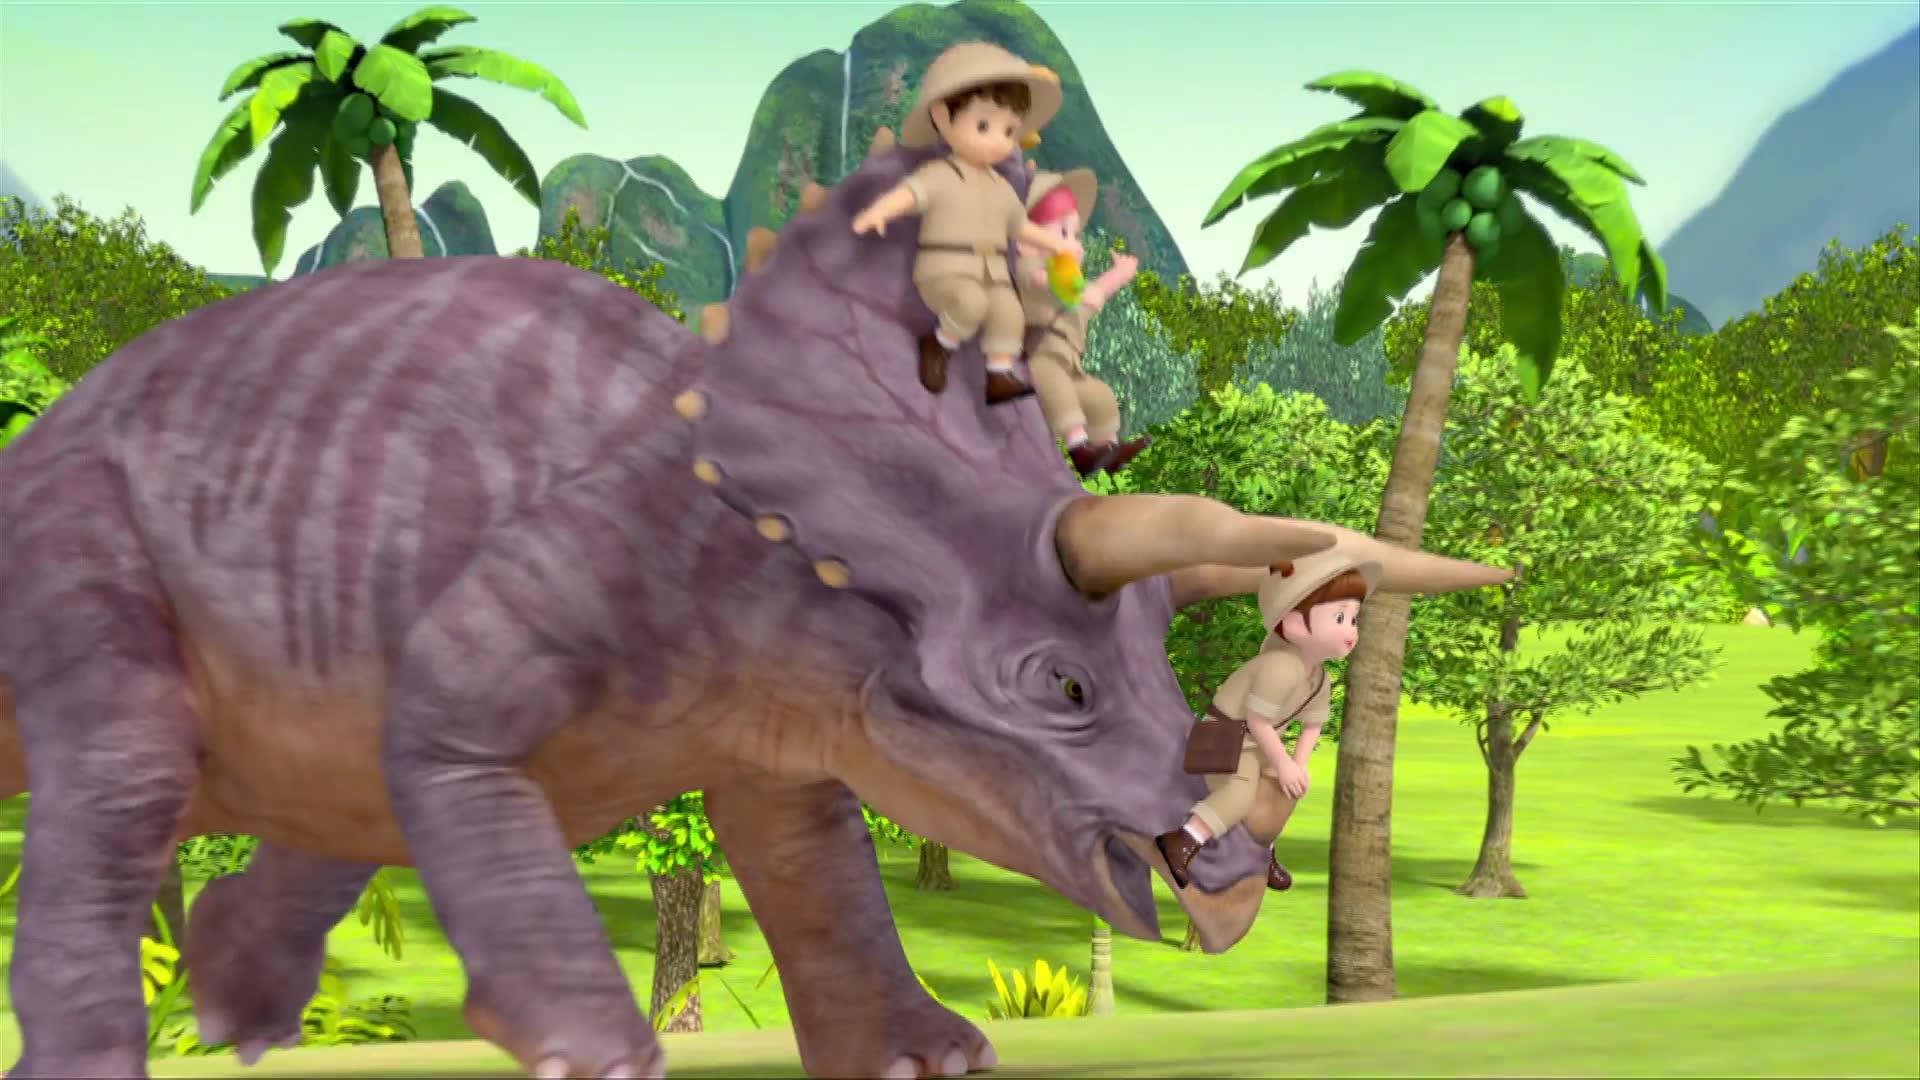 6화 공룡2부 공룡은 내 친구